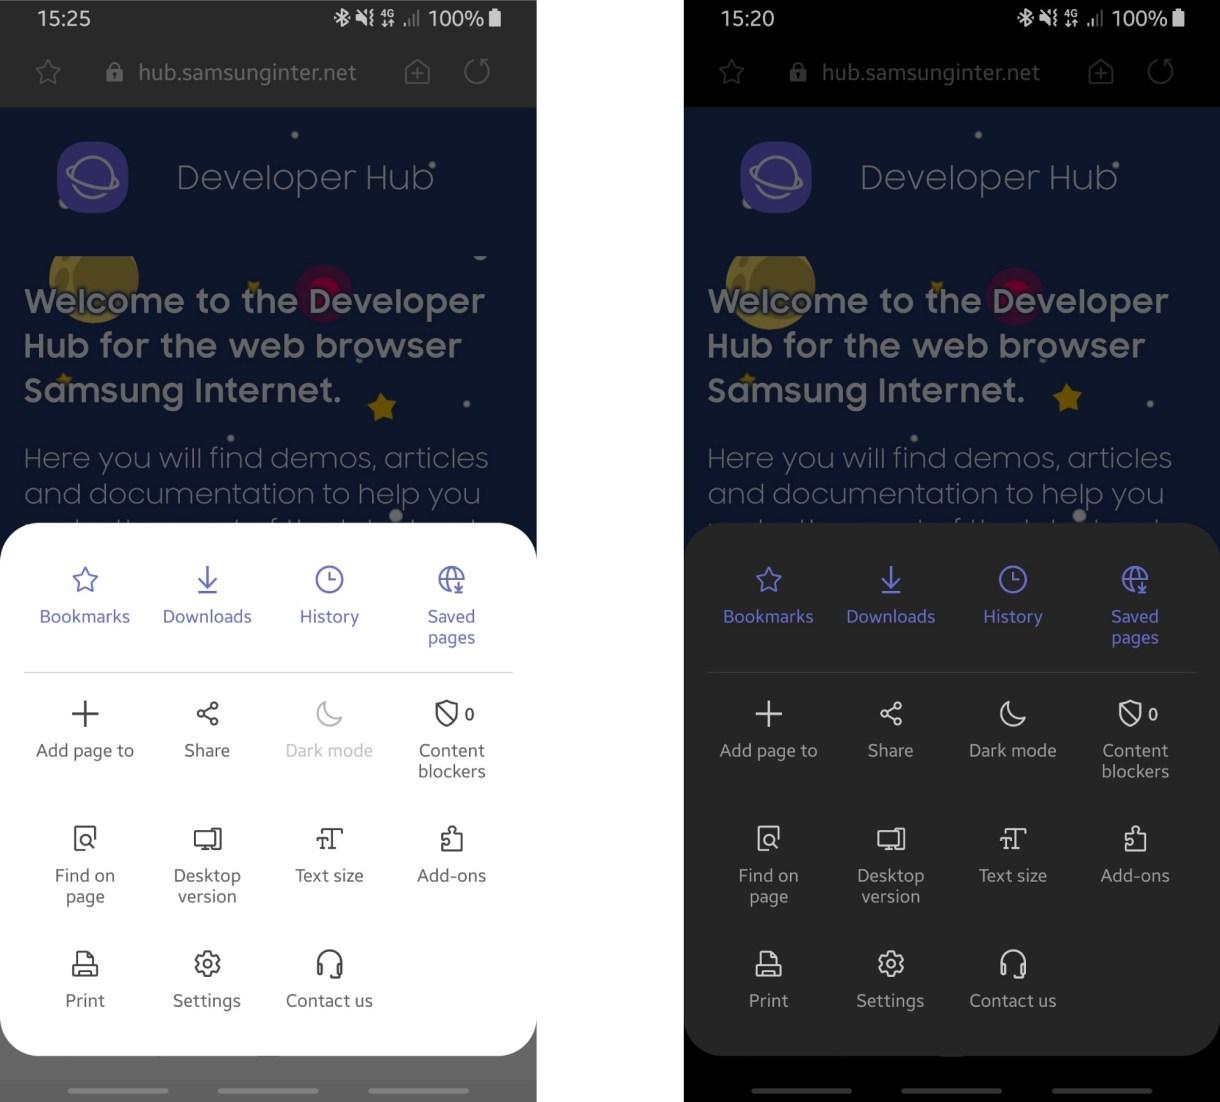 متصفّح سامسونج يدعم رسميًا تصميمOneUI وميزة منع التتبع الذكية